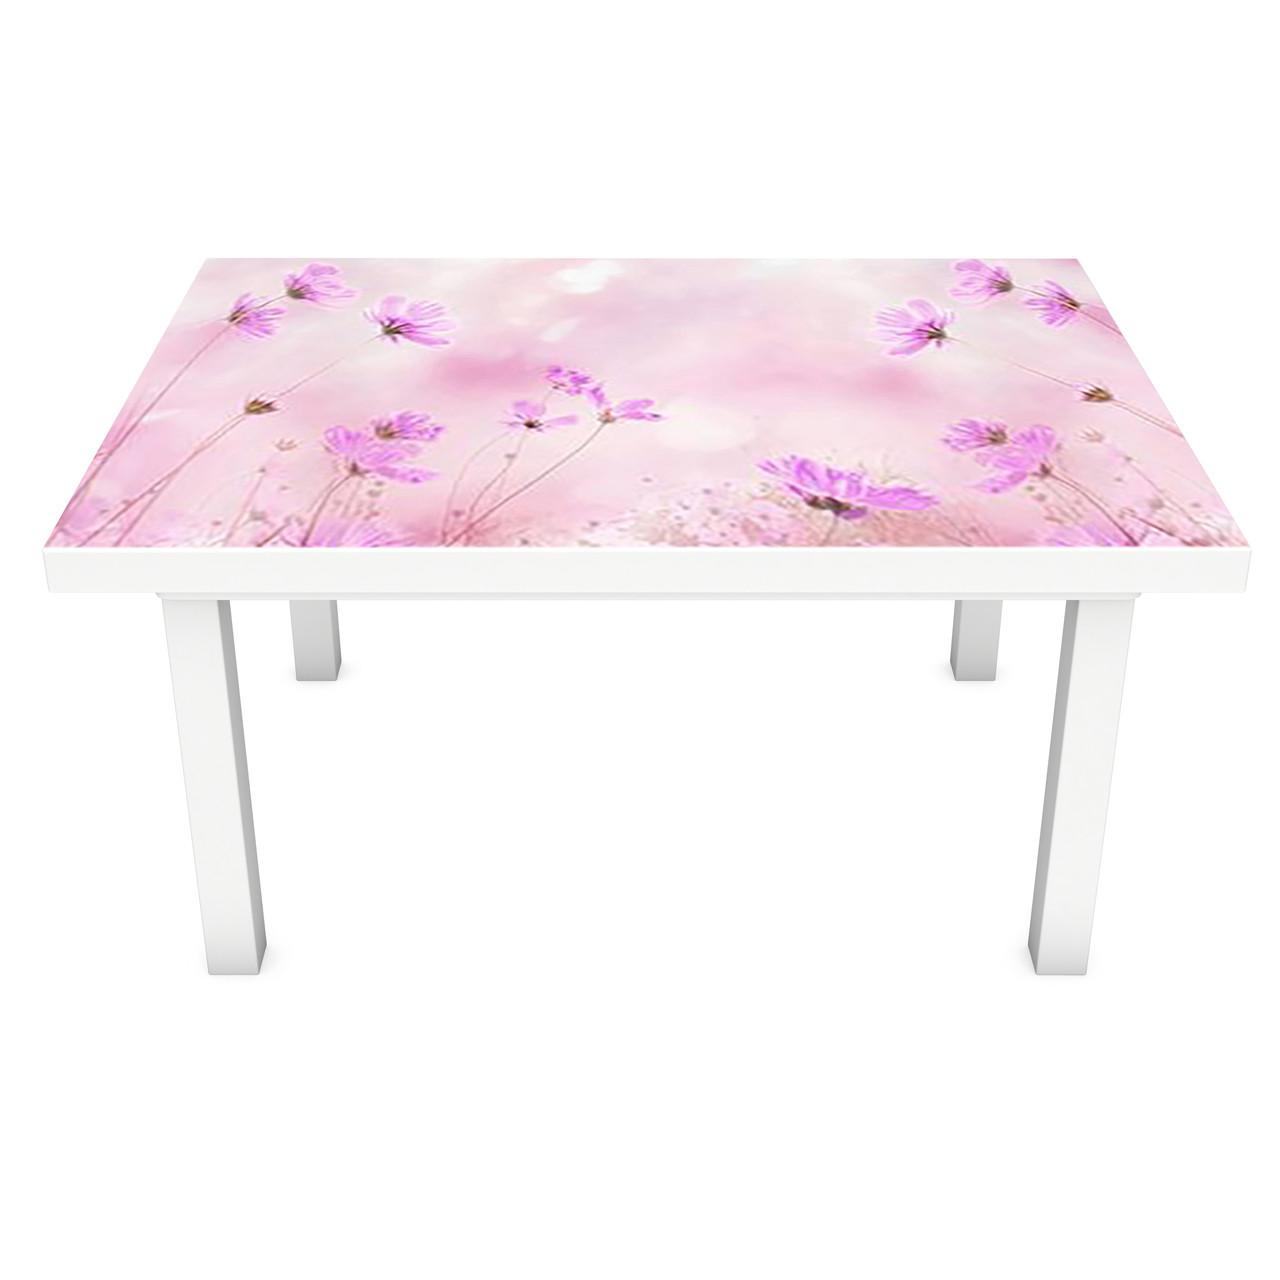 Наклейка на стол Полевые Цветы (3Д виниловая пленка ПВХ) травы Розовый 600*1200 мм